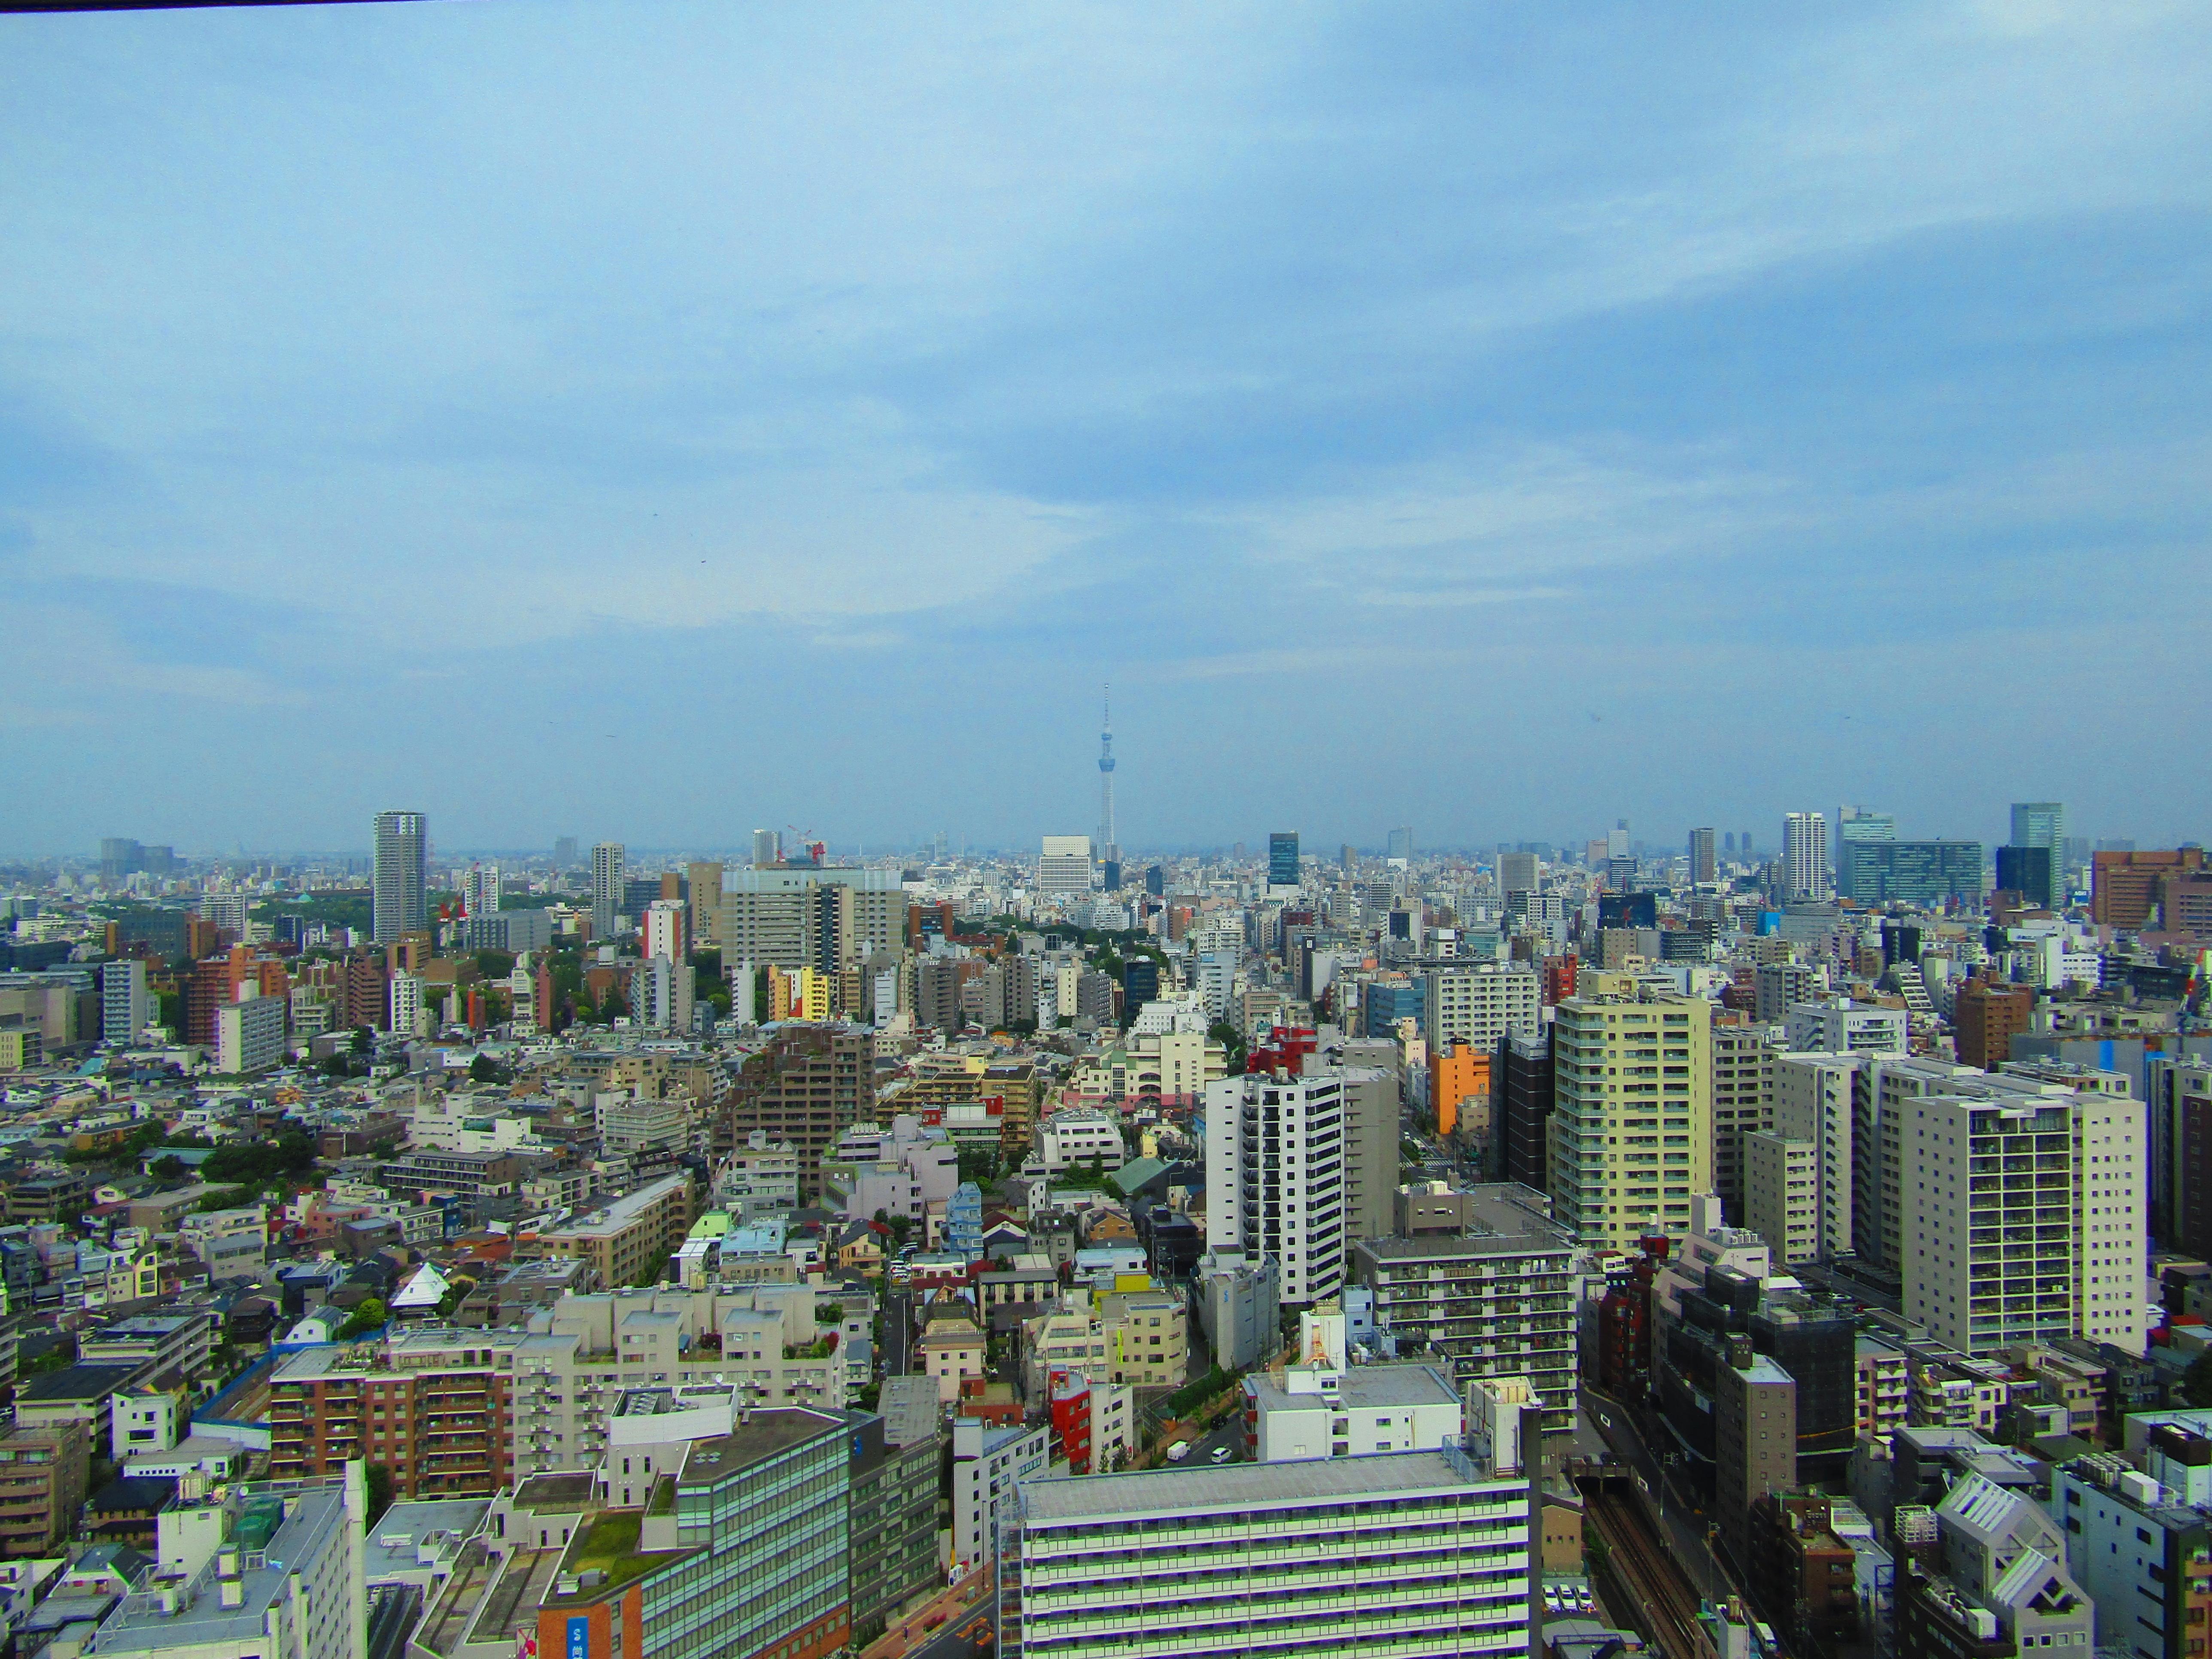 dove vedere tokyo dall'alto